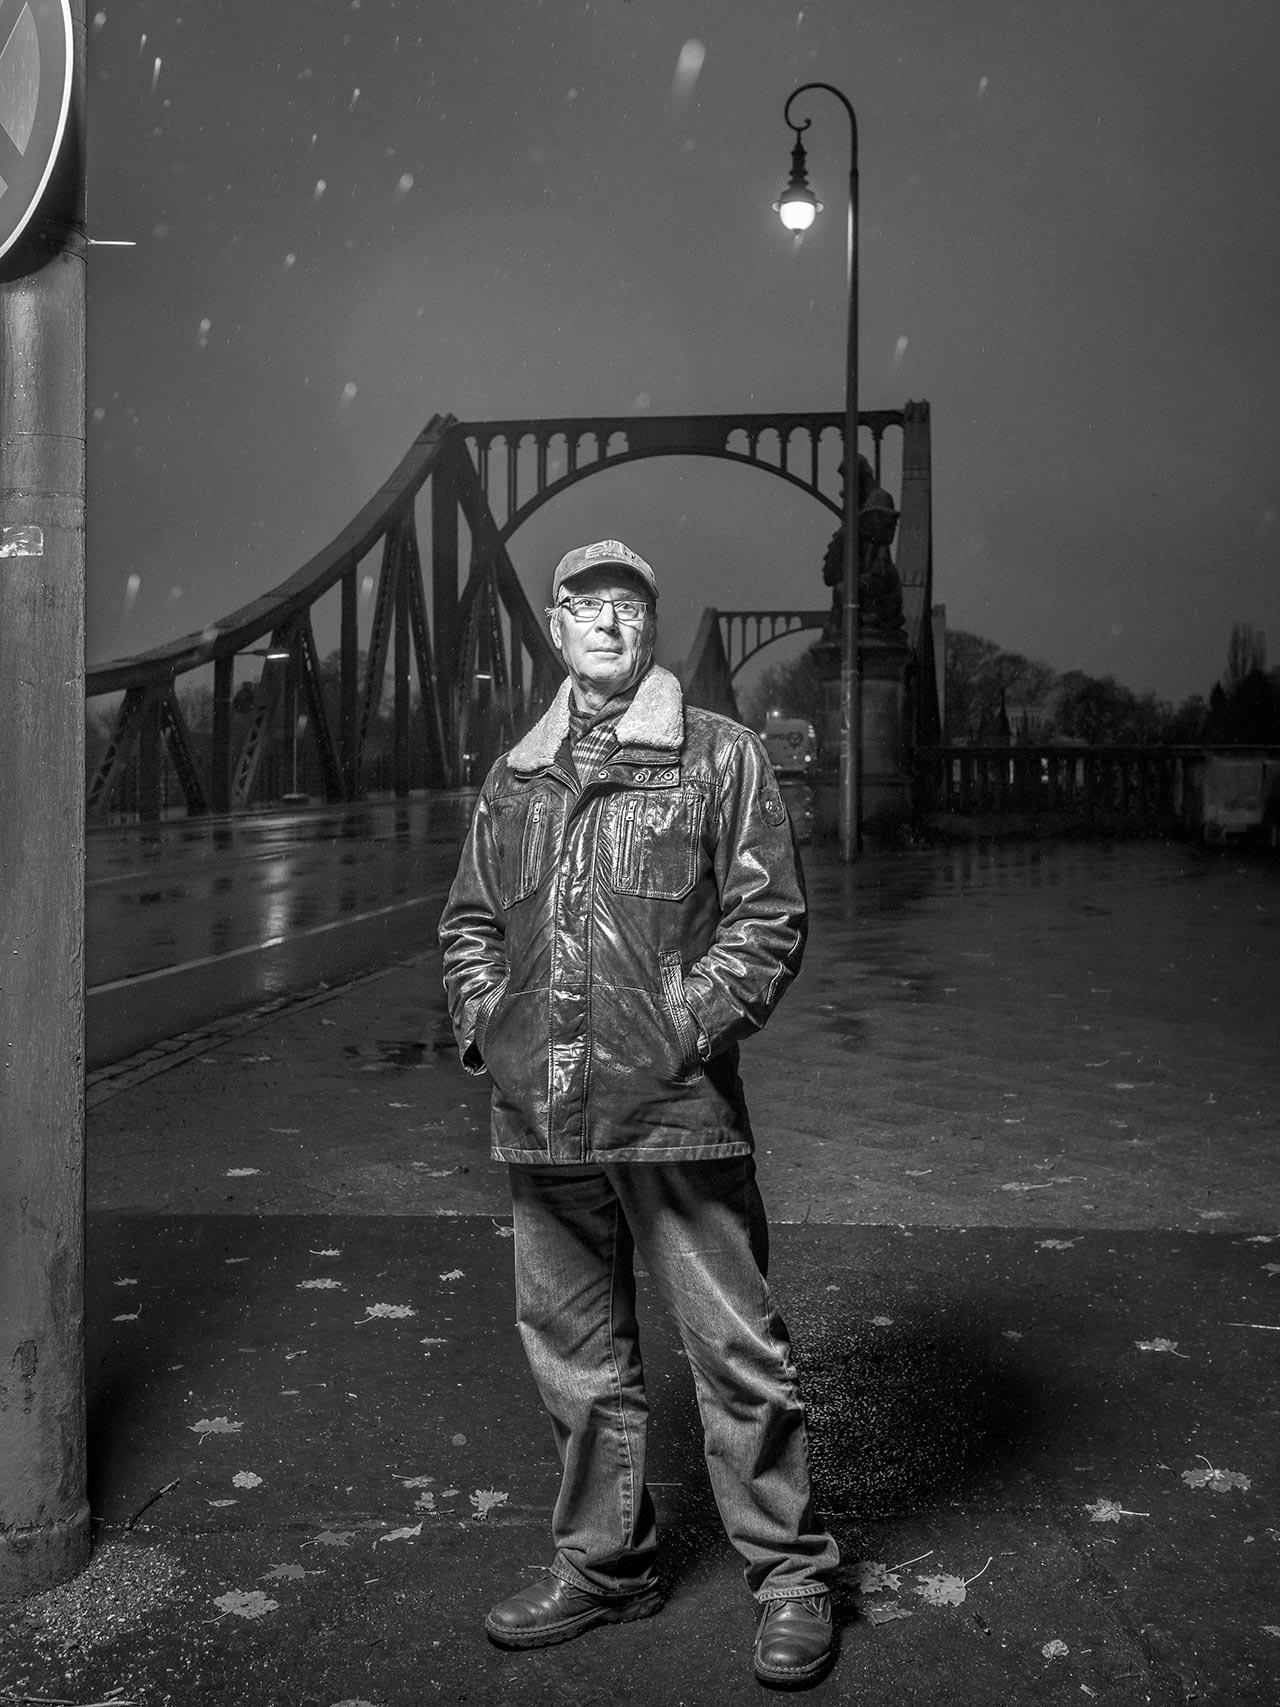 Eberhard Fätkenheuer, 69, ehemaliger CIA-Agent in der DDR, an der Glienicker Brücke, wo er am 11. Juni 1985 mit weiteren 22 Inhaftierten der DDR ausgetauscht wurde.